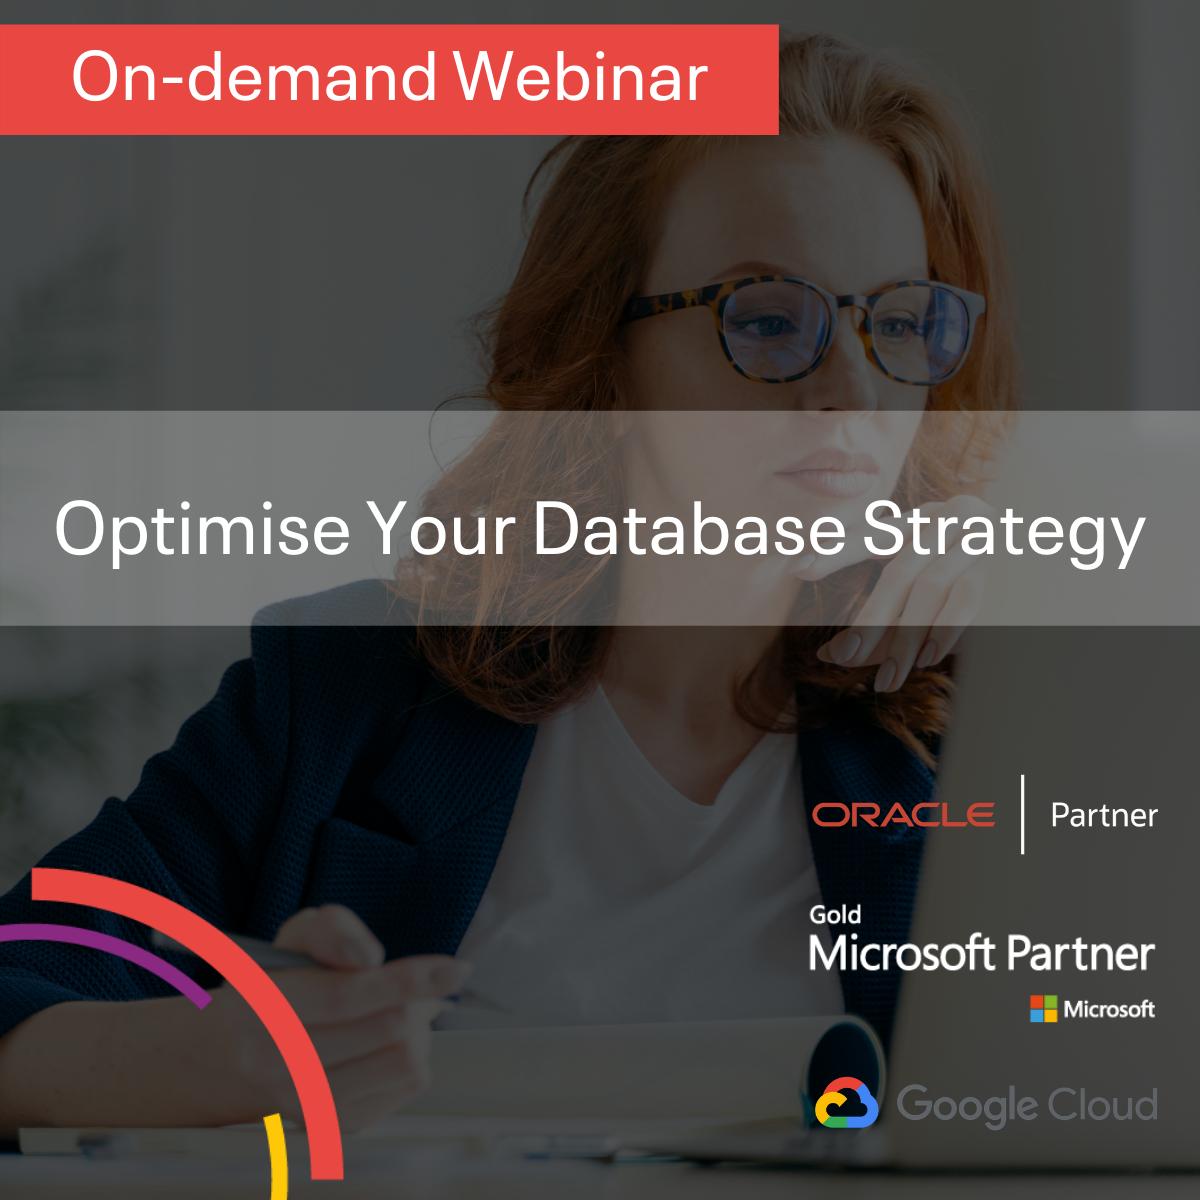 Optimise Your Database Strategy